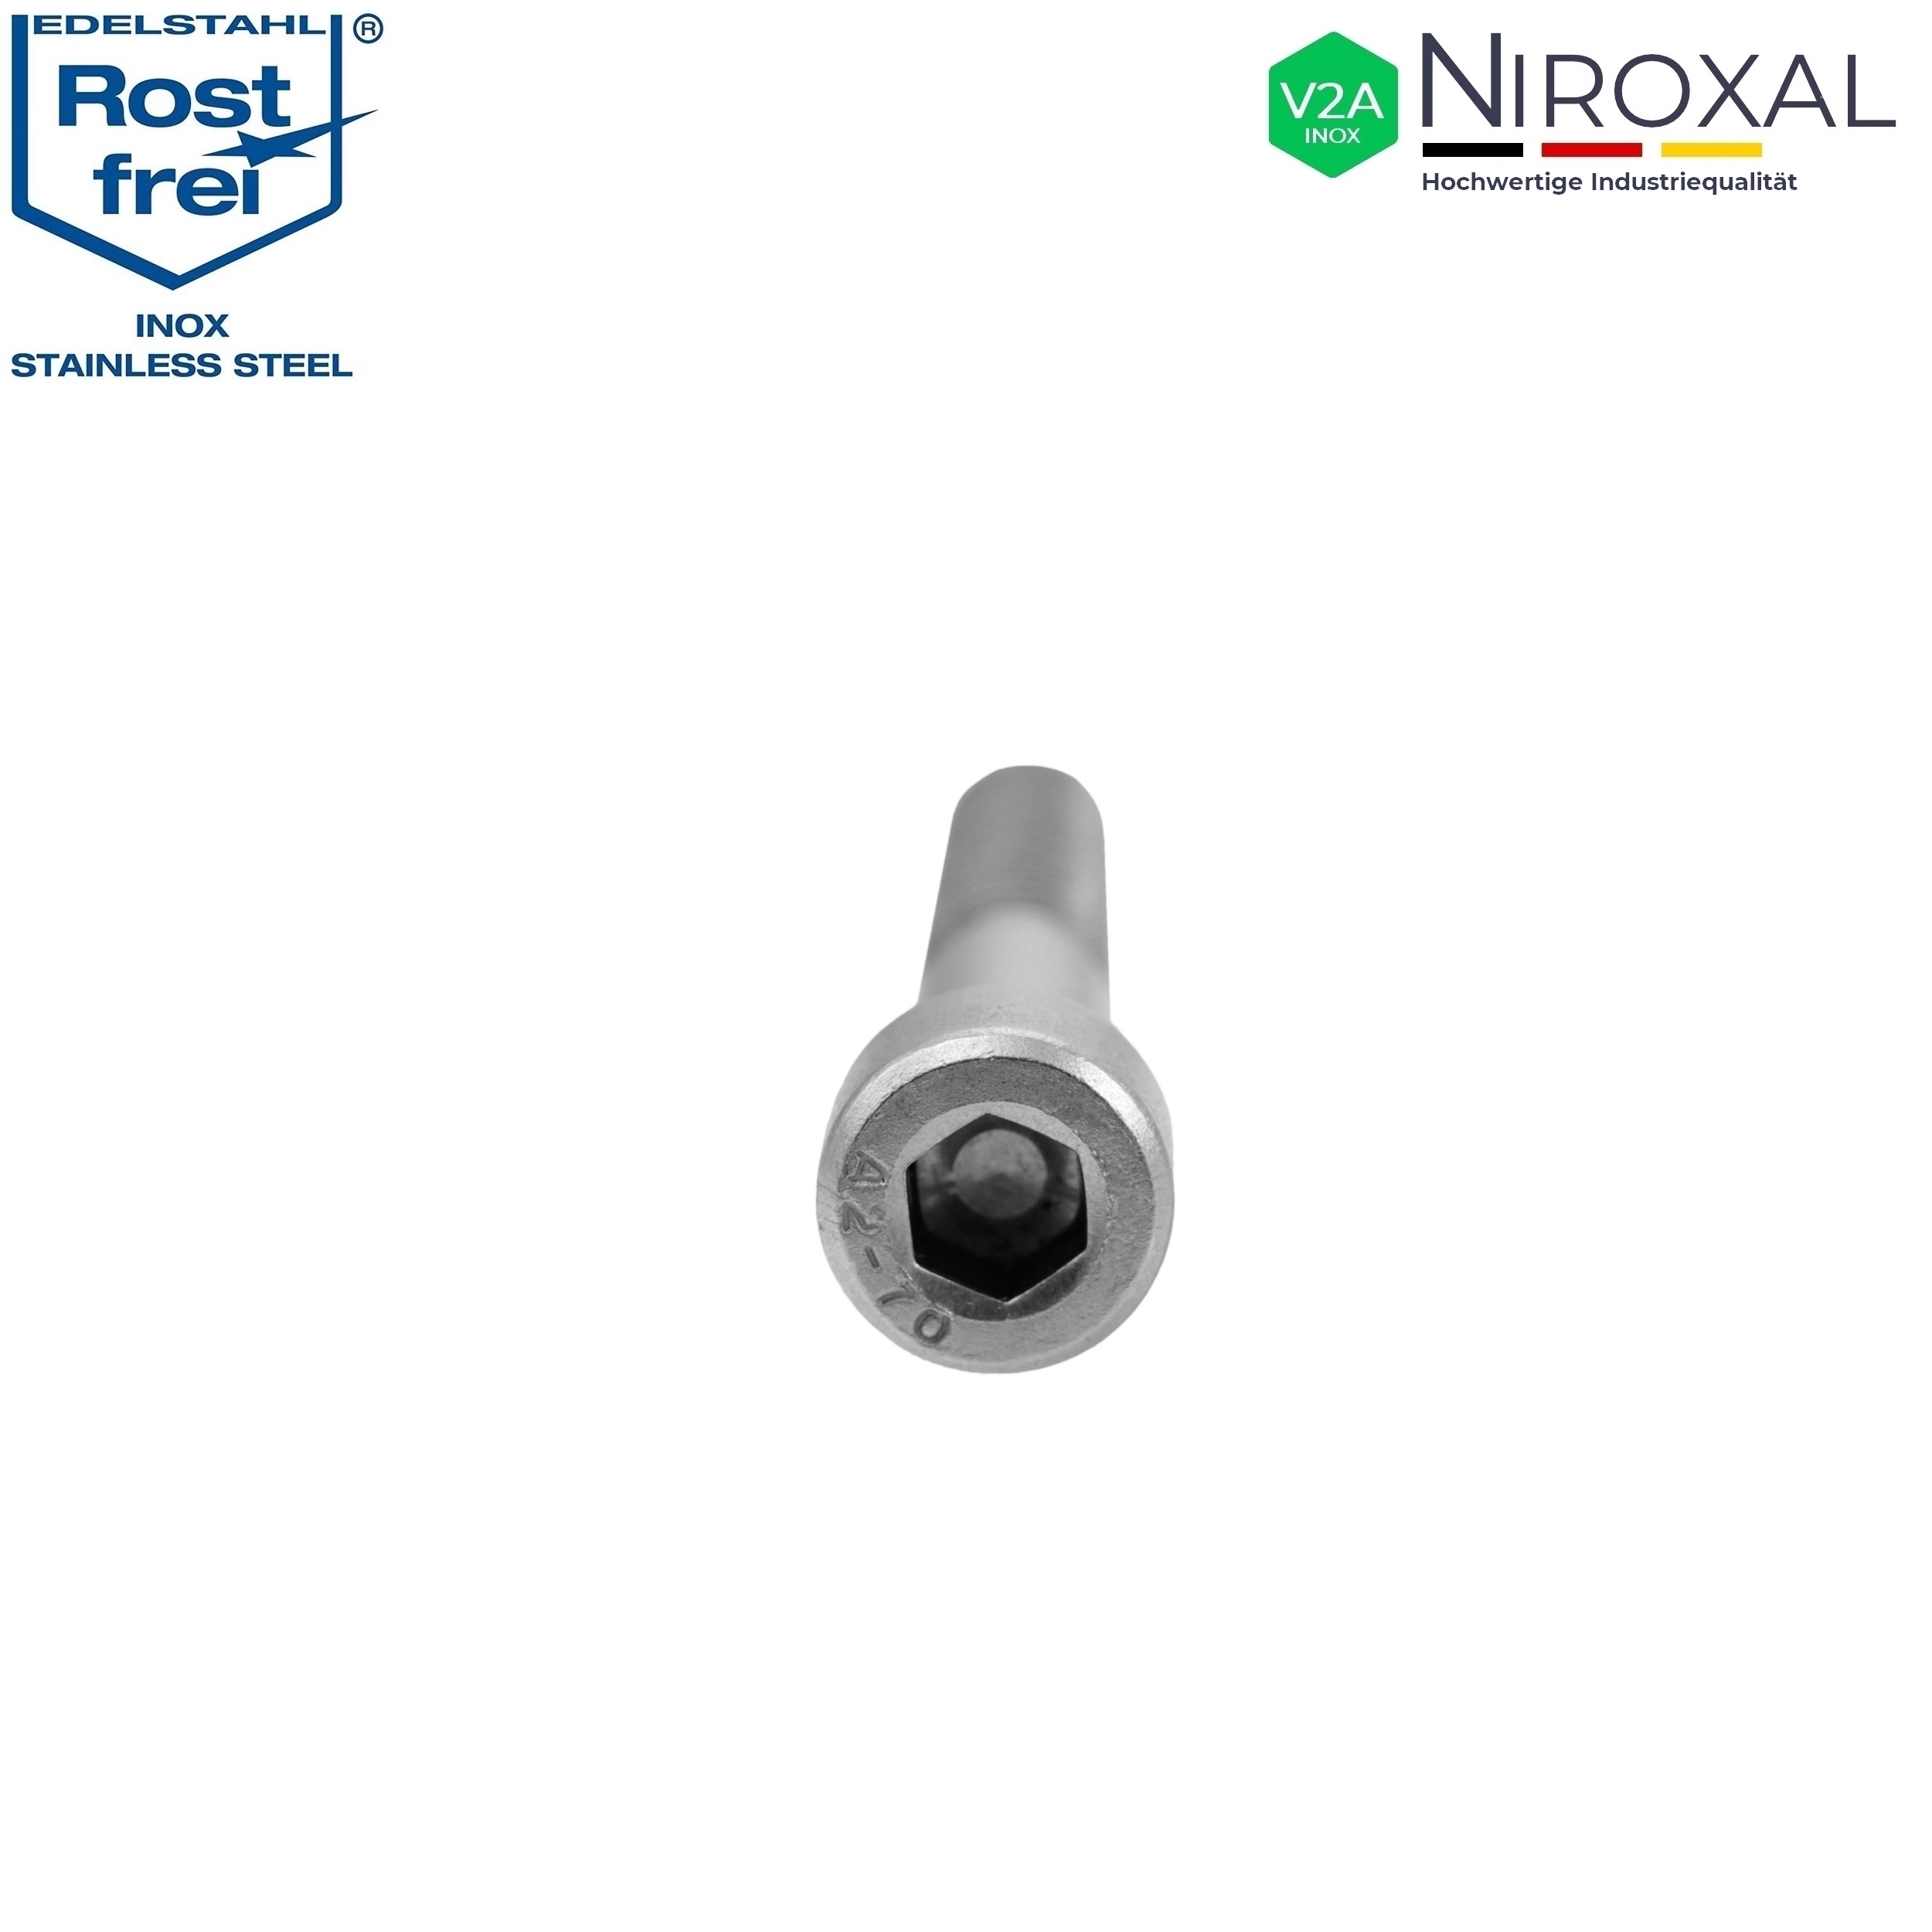 Edelstahl Zylinder-Schraube rostfrei V2A M6-mm stark 20-mm Schrauben-L/änge 50 St/ück 20-mm Teil-Gewinde Innensechskant M6x20